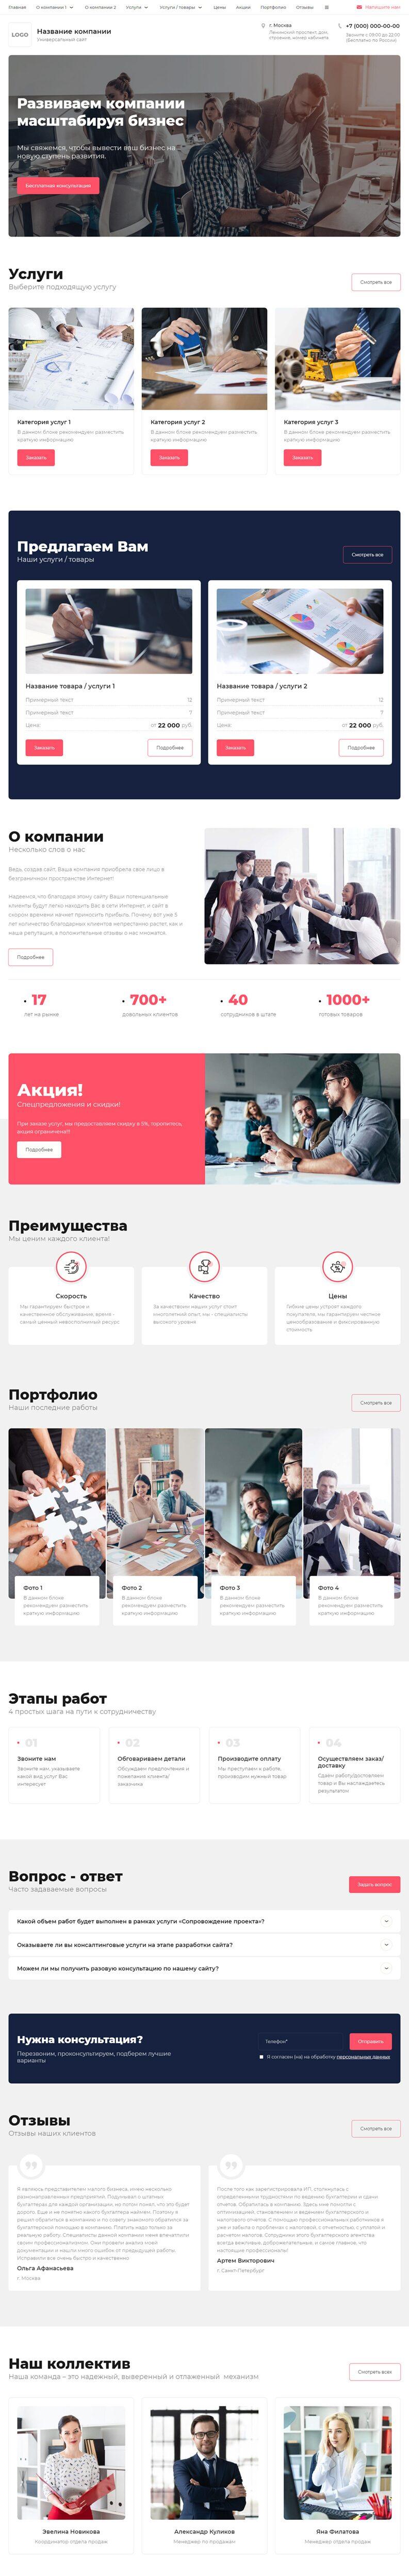 Готовый Сайт-Бизнес #2774429 - Универсальный дизайн (Главная)